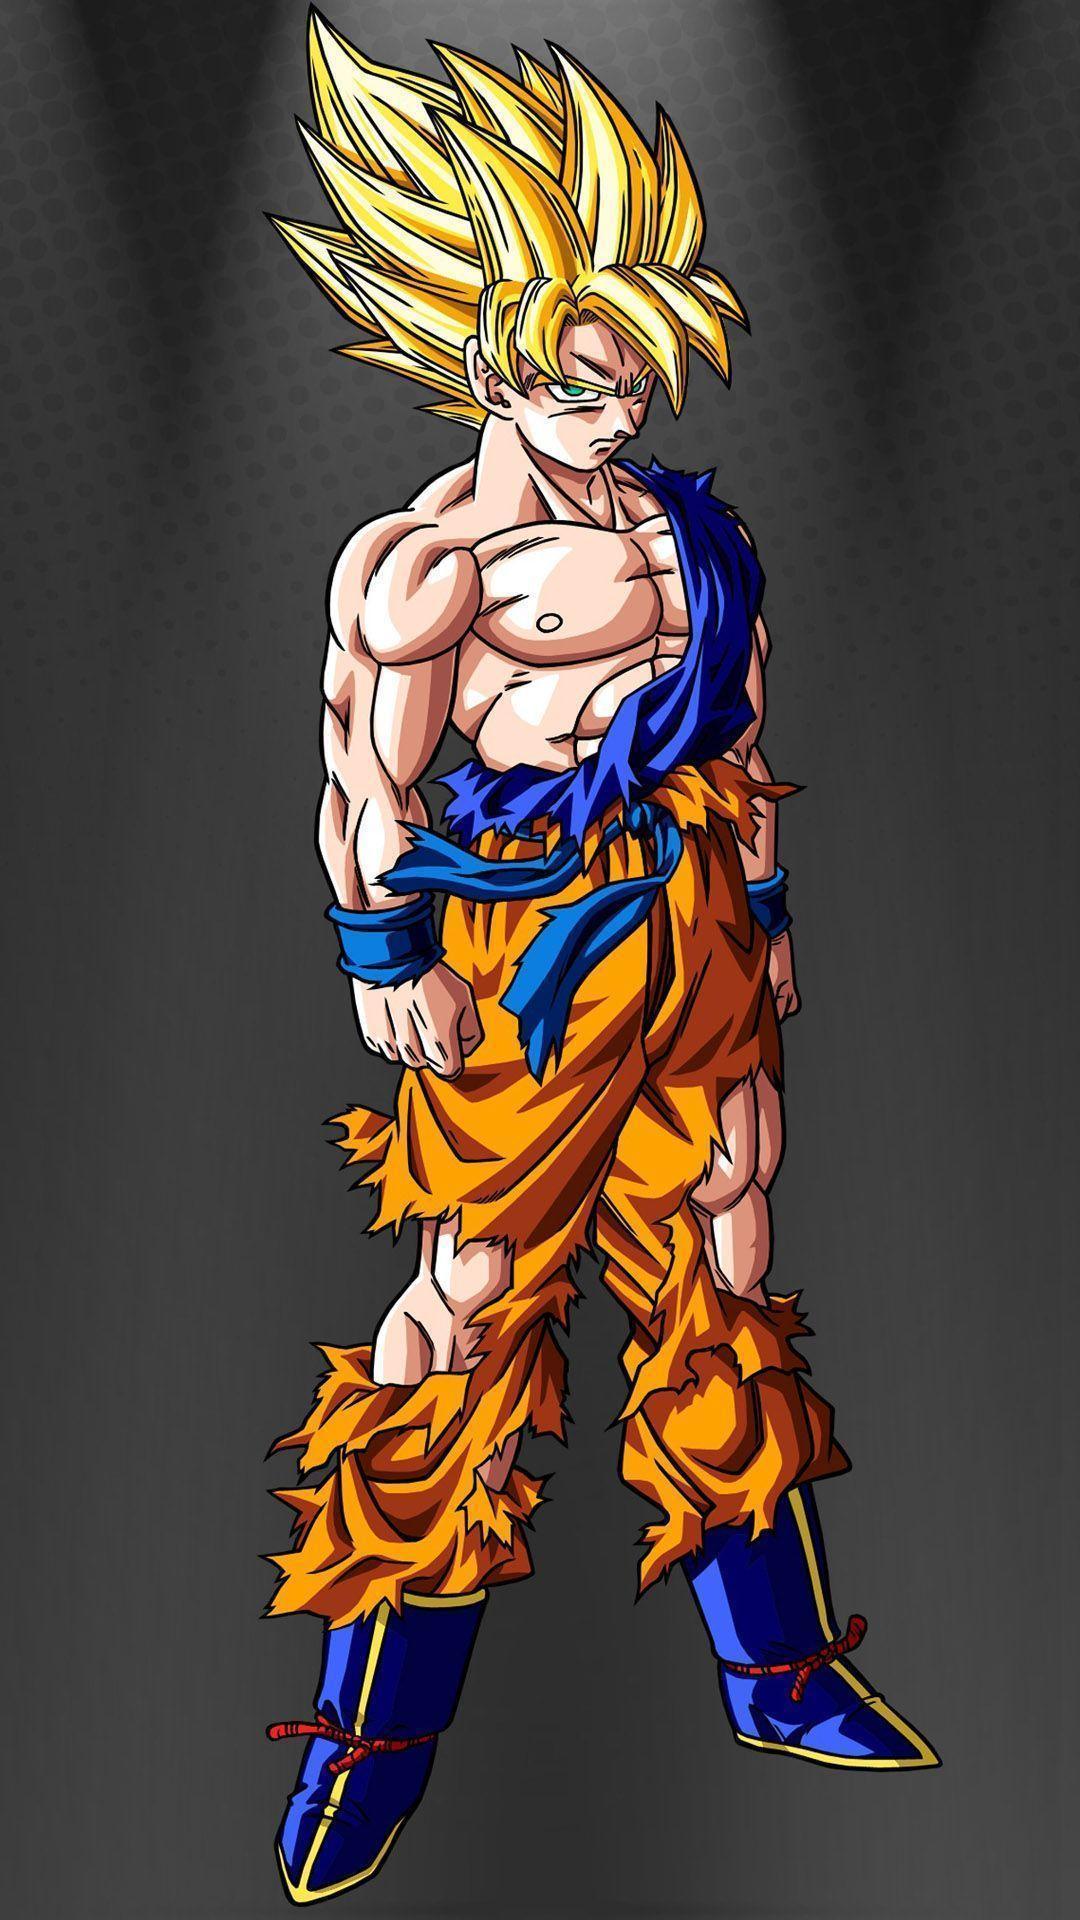 Son Goku Wallpapers 1080x1920